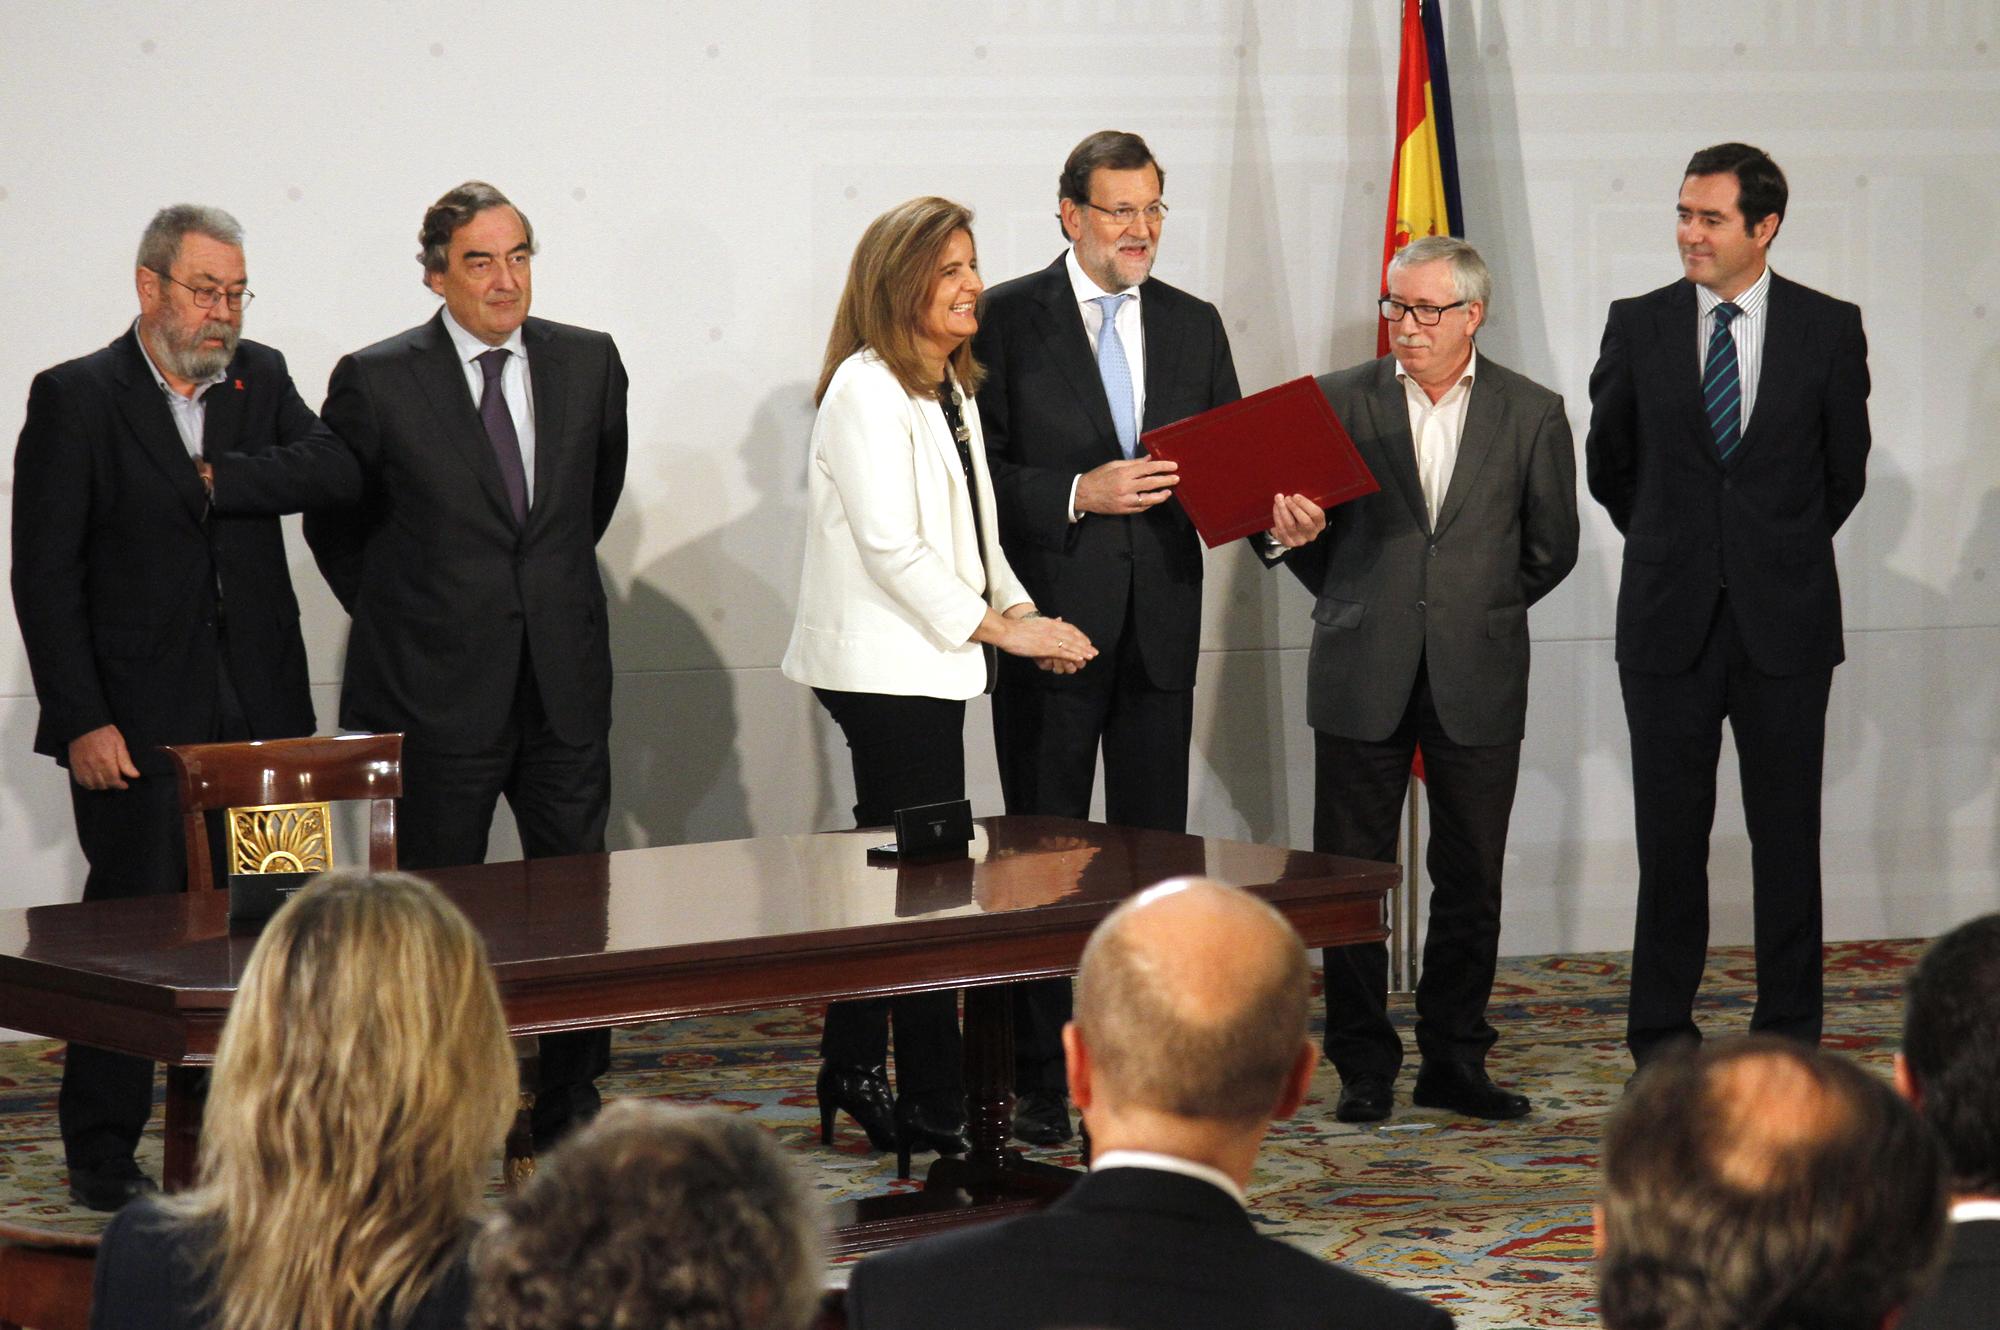 Foto artículo: El millón de empleos de Rajoy